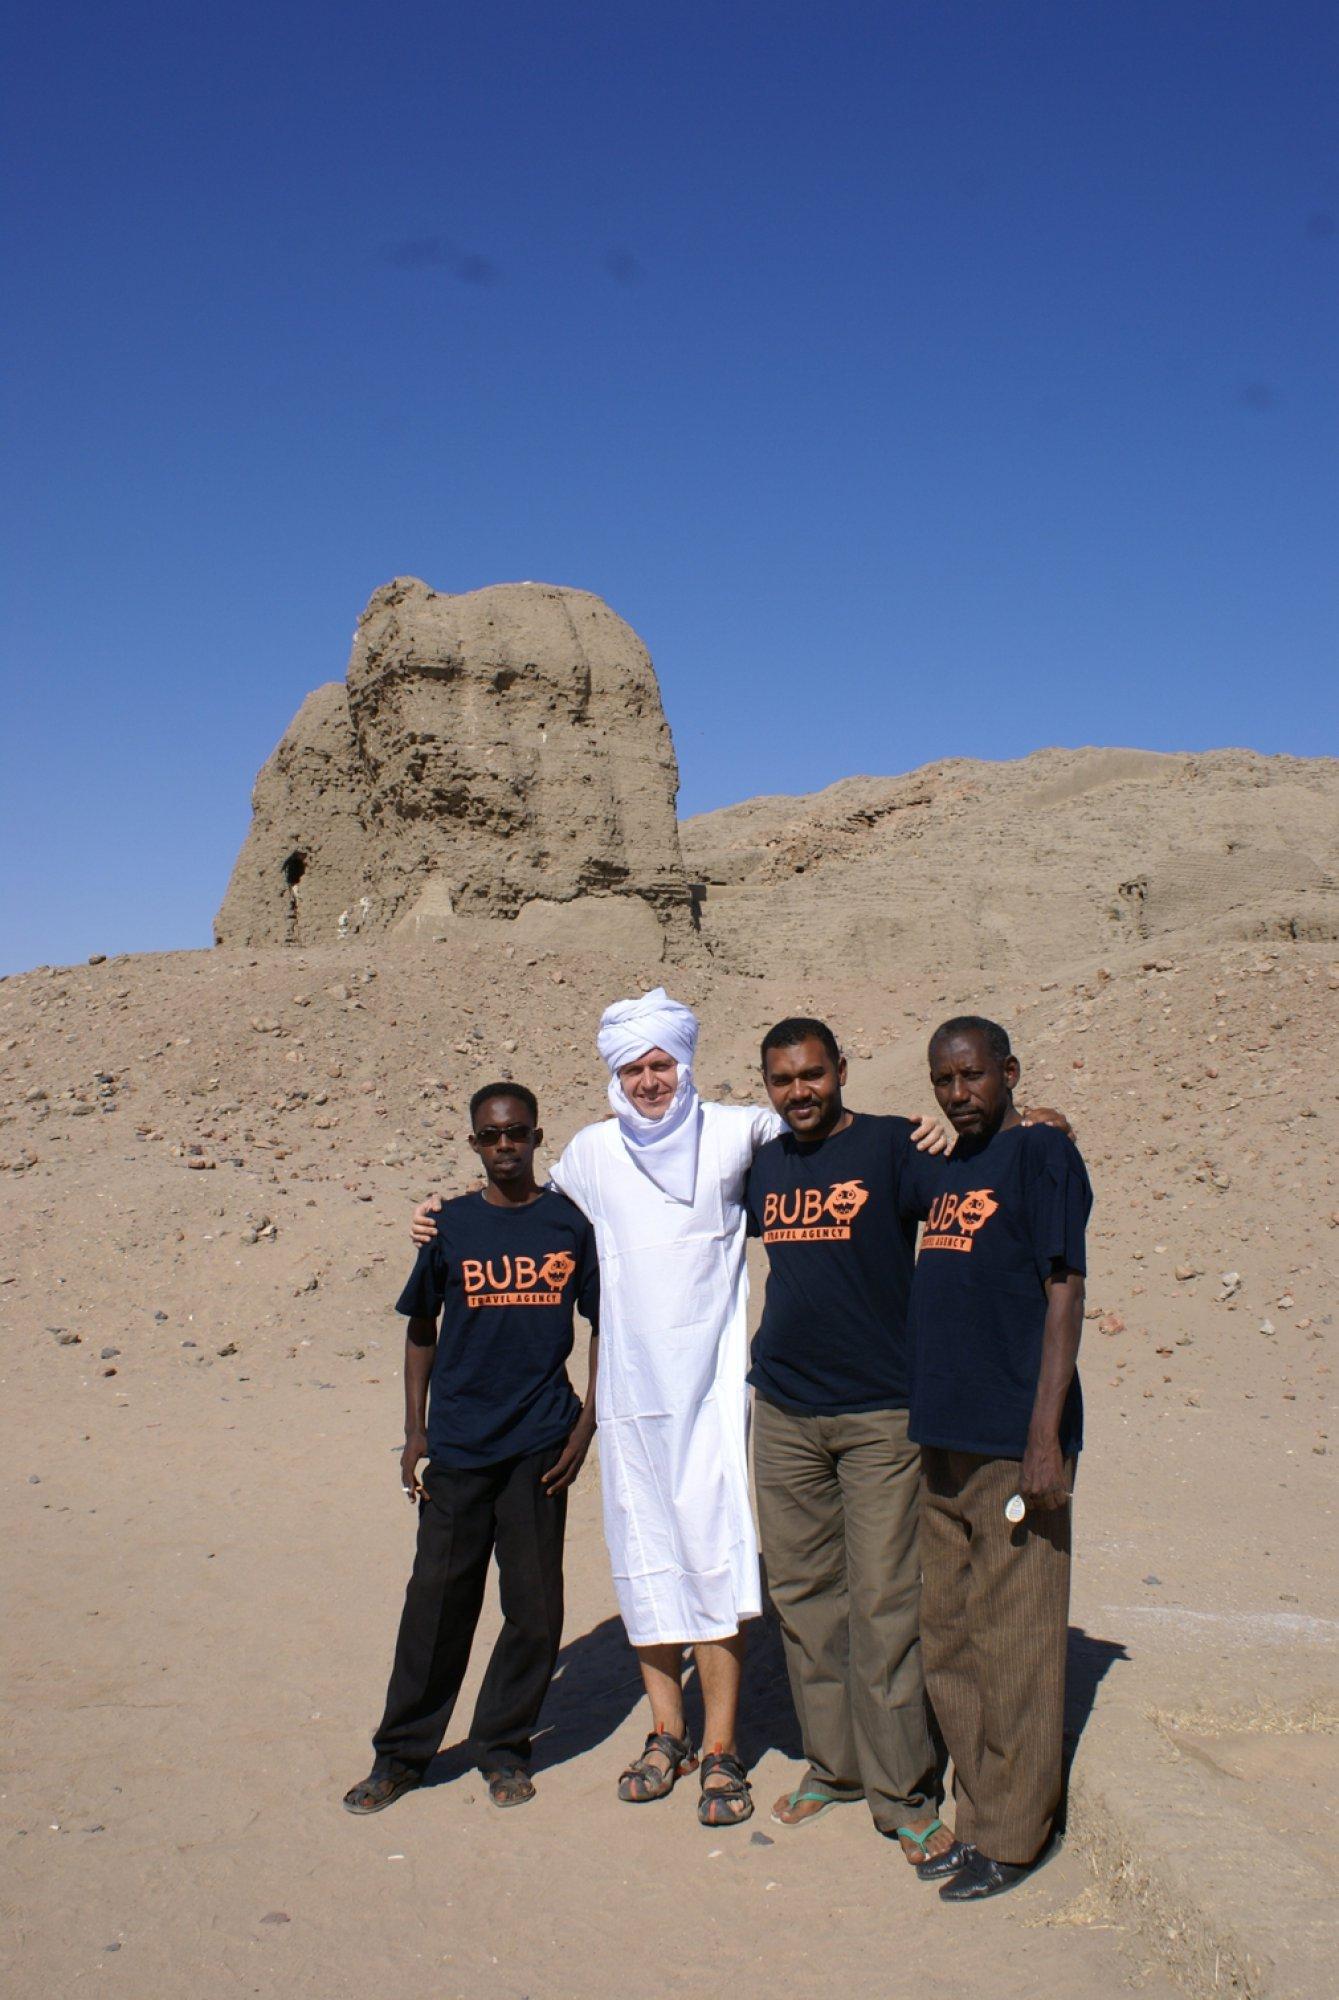 https://bubo.sk/uploads/galleries/4991/sudan-11-.jpg